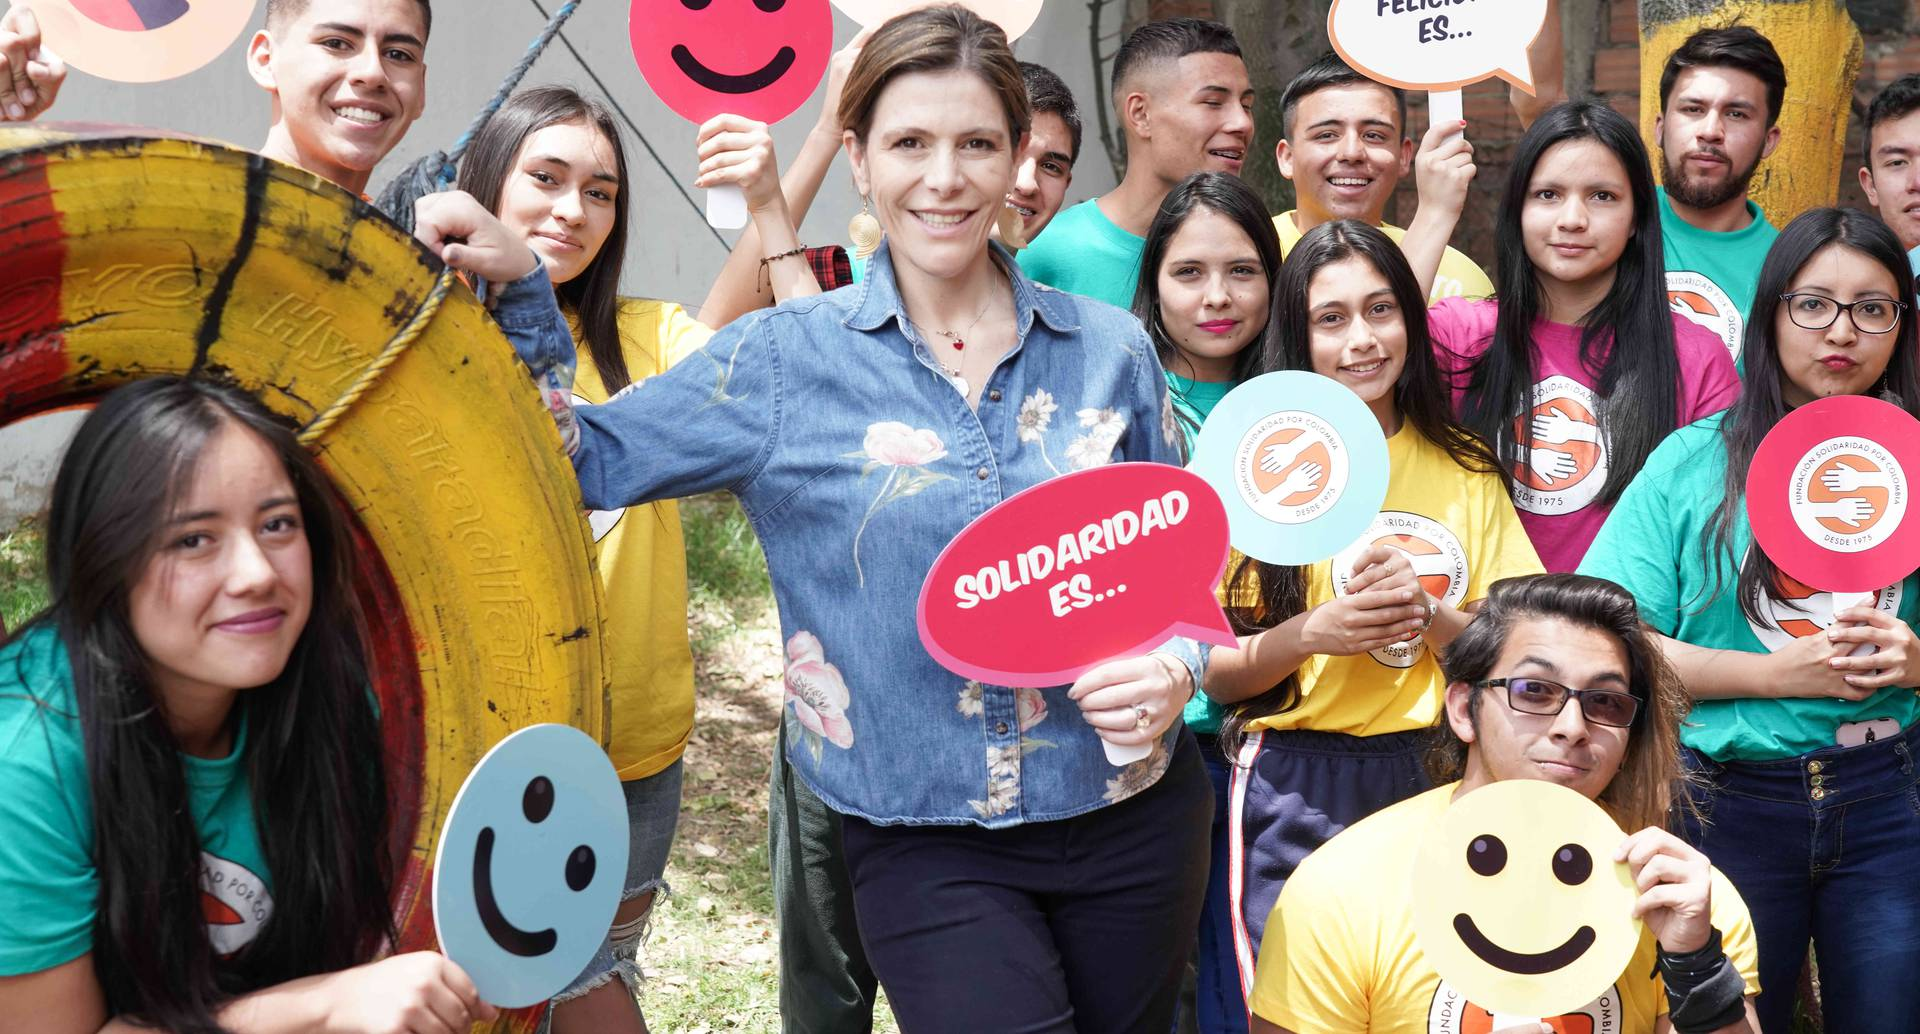 María Carolina Hoyos,  Presidente de la Fundación Solidaridad por Colombia.